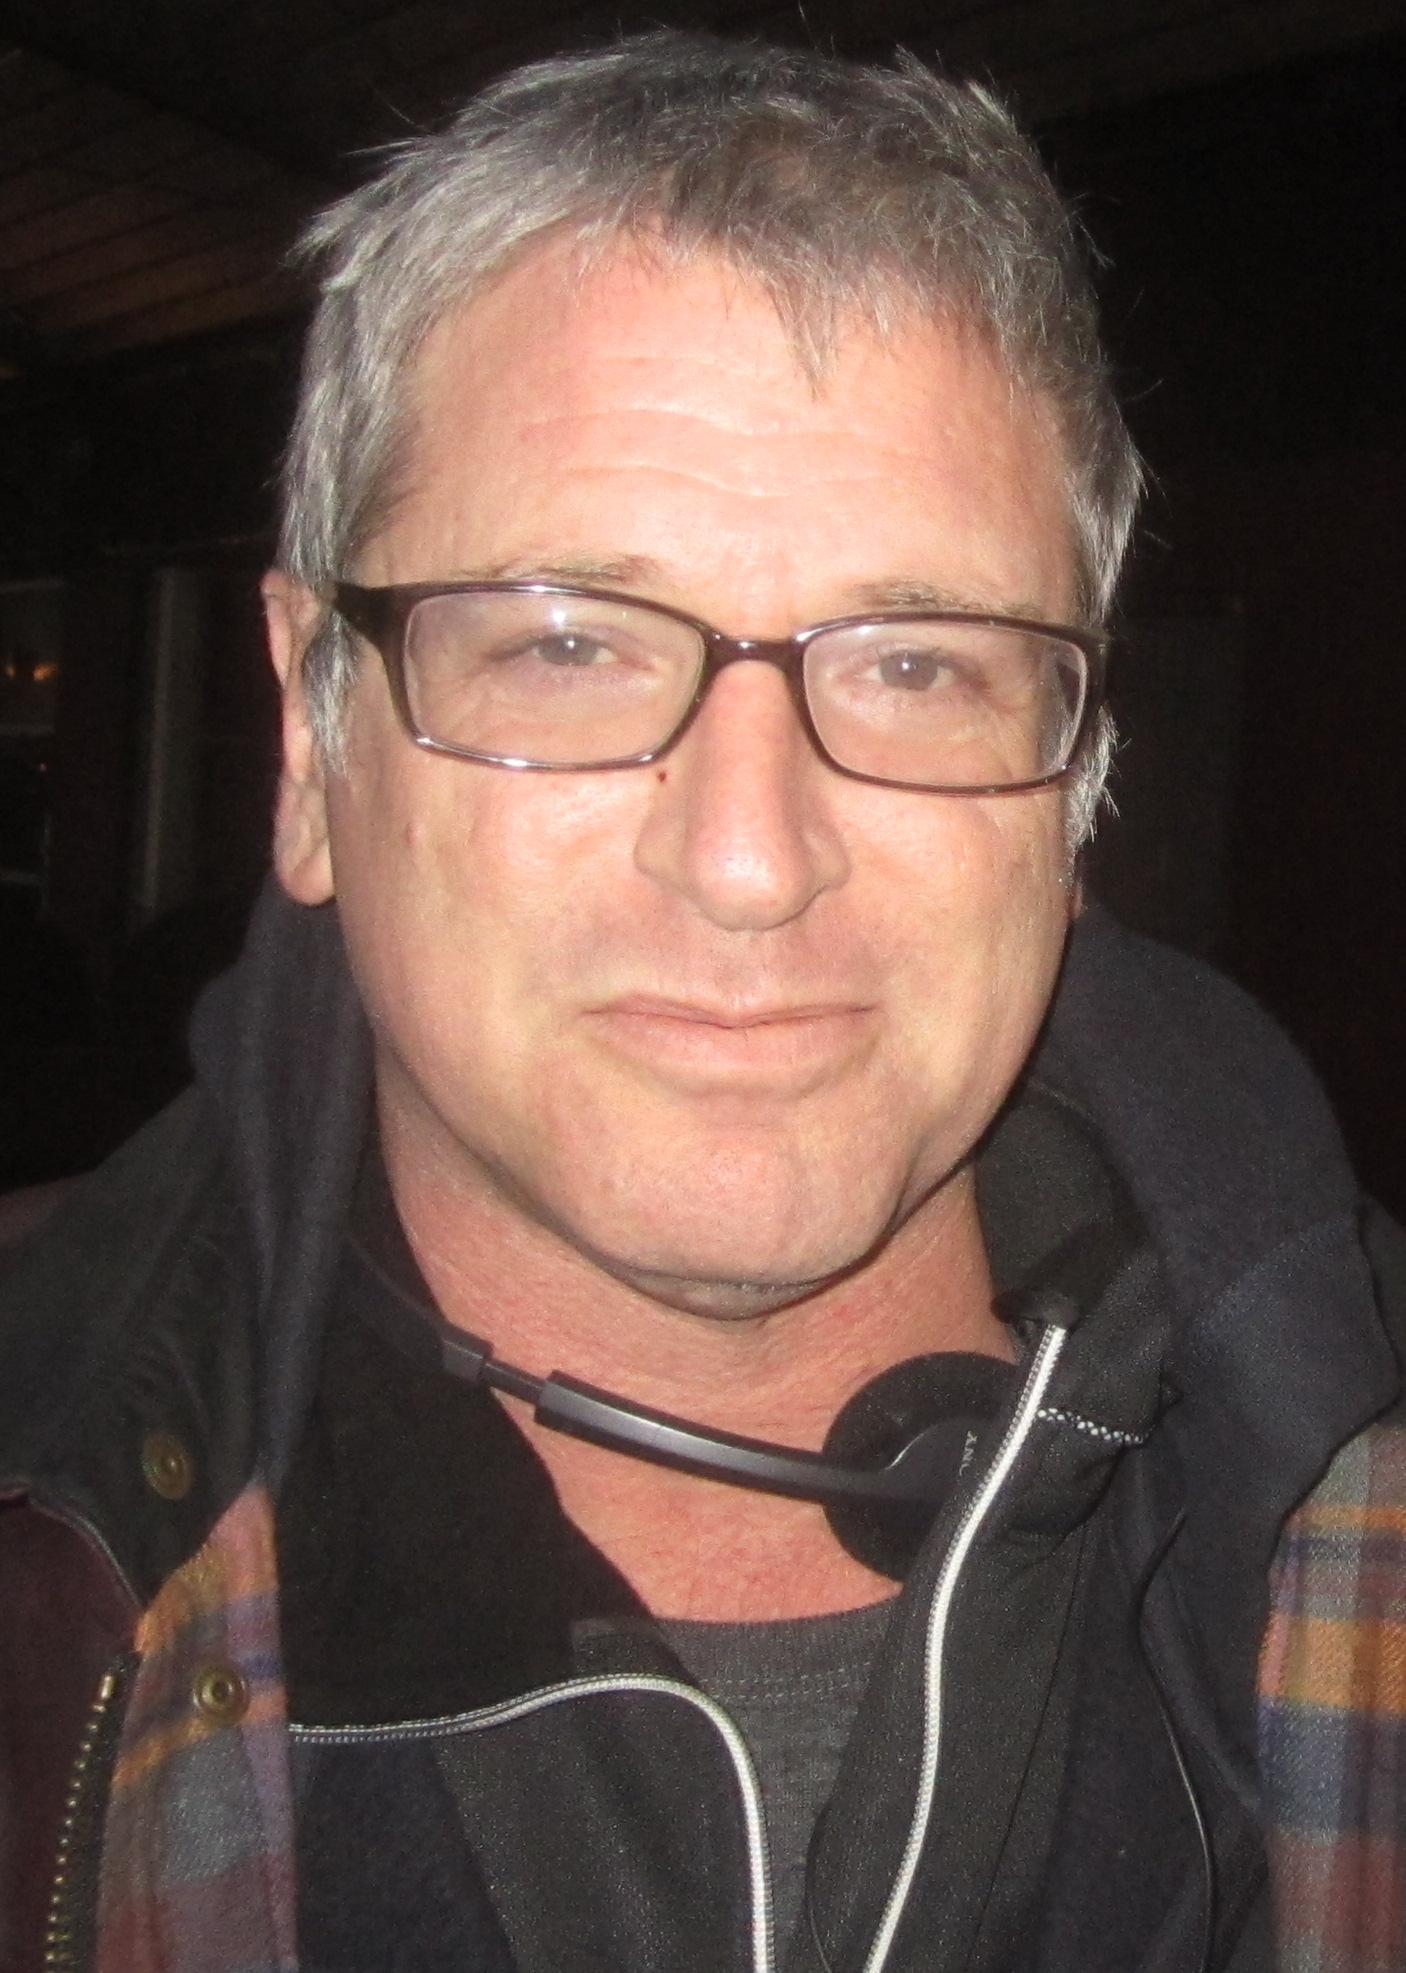 Rymer in 2011